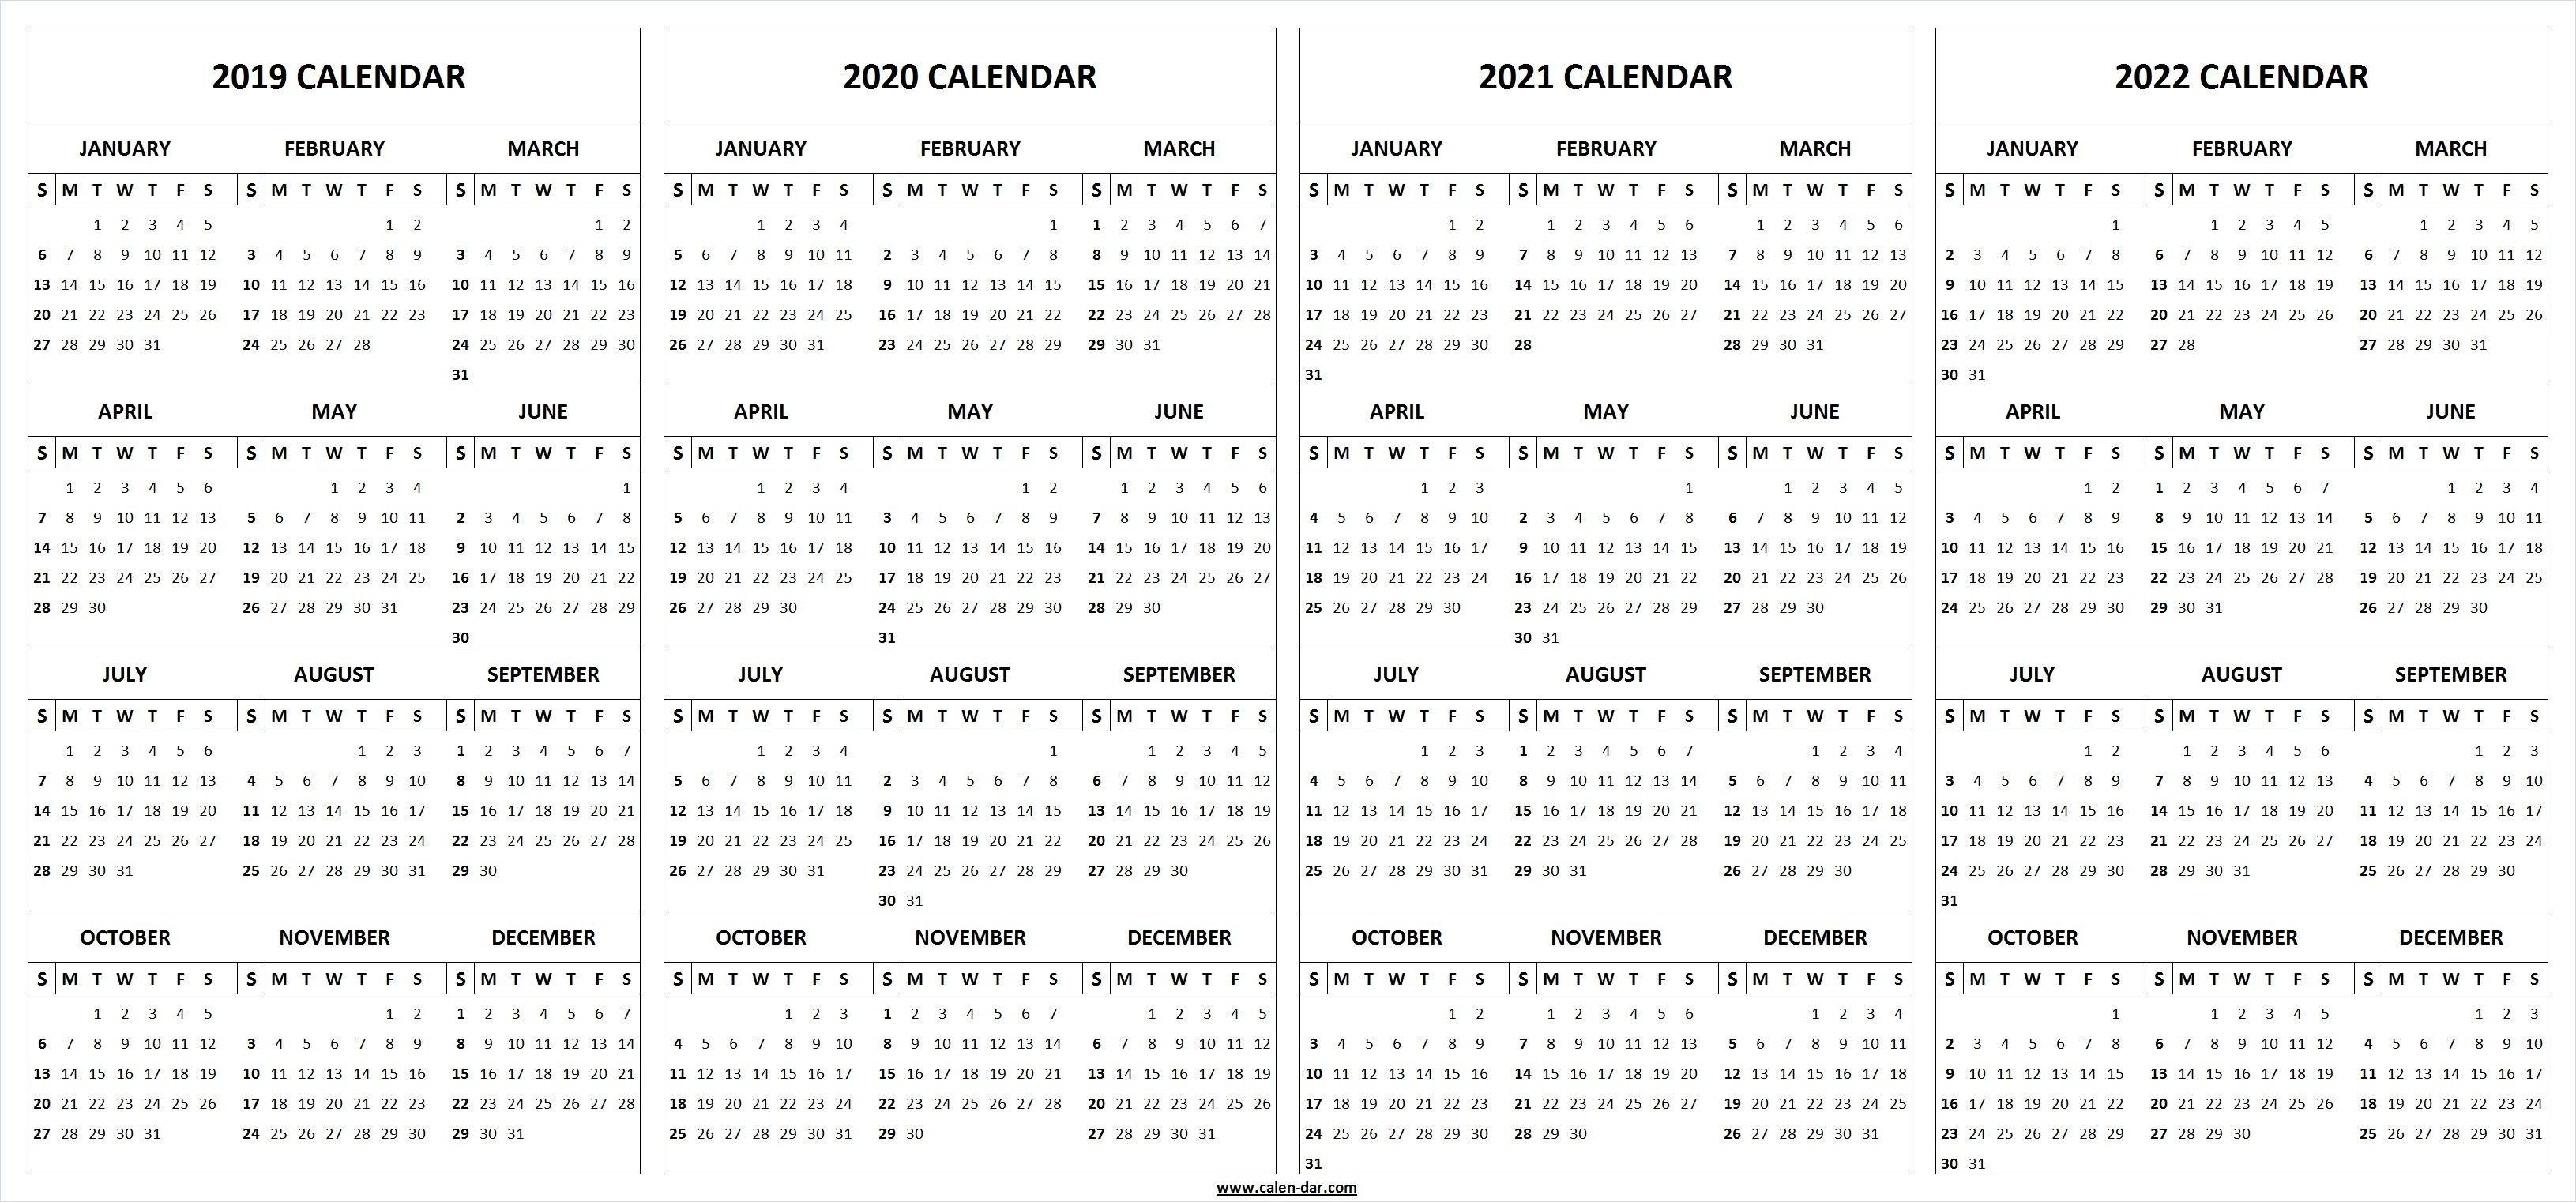 2019 2020 2021 2022 Calendar Blank Template | Calendar-Blank 2 Pages Calendar 2020